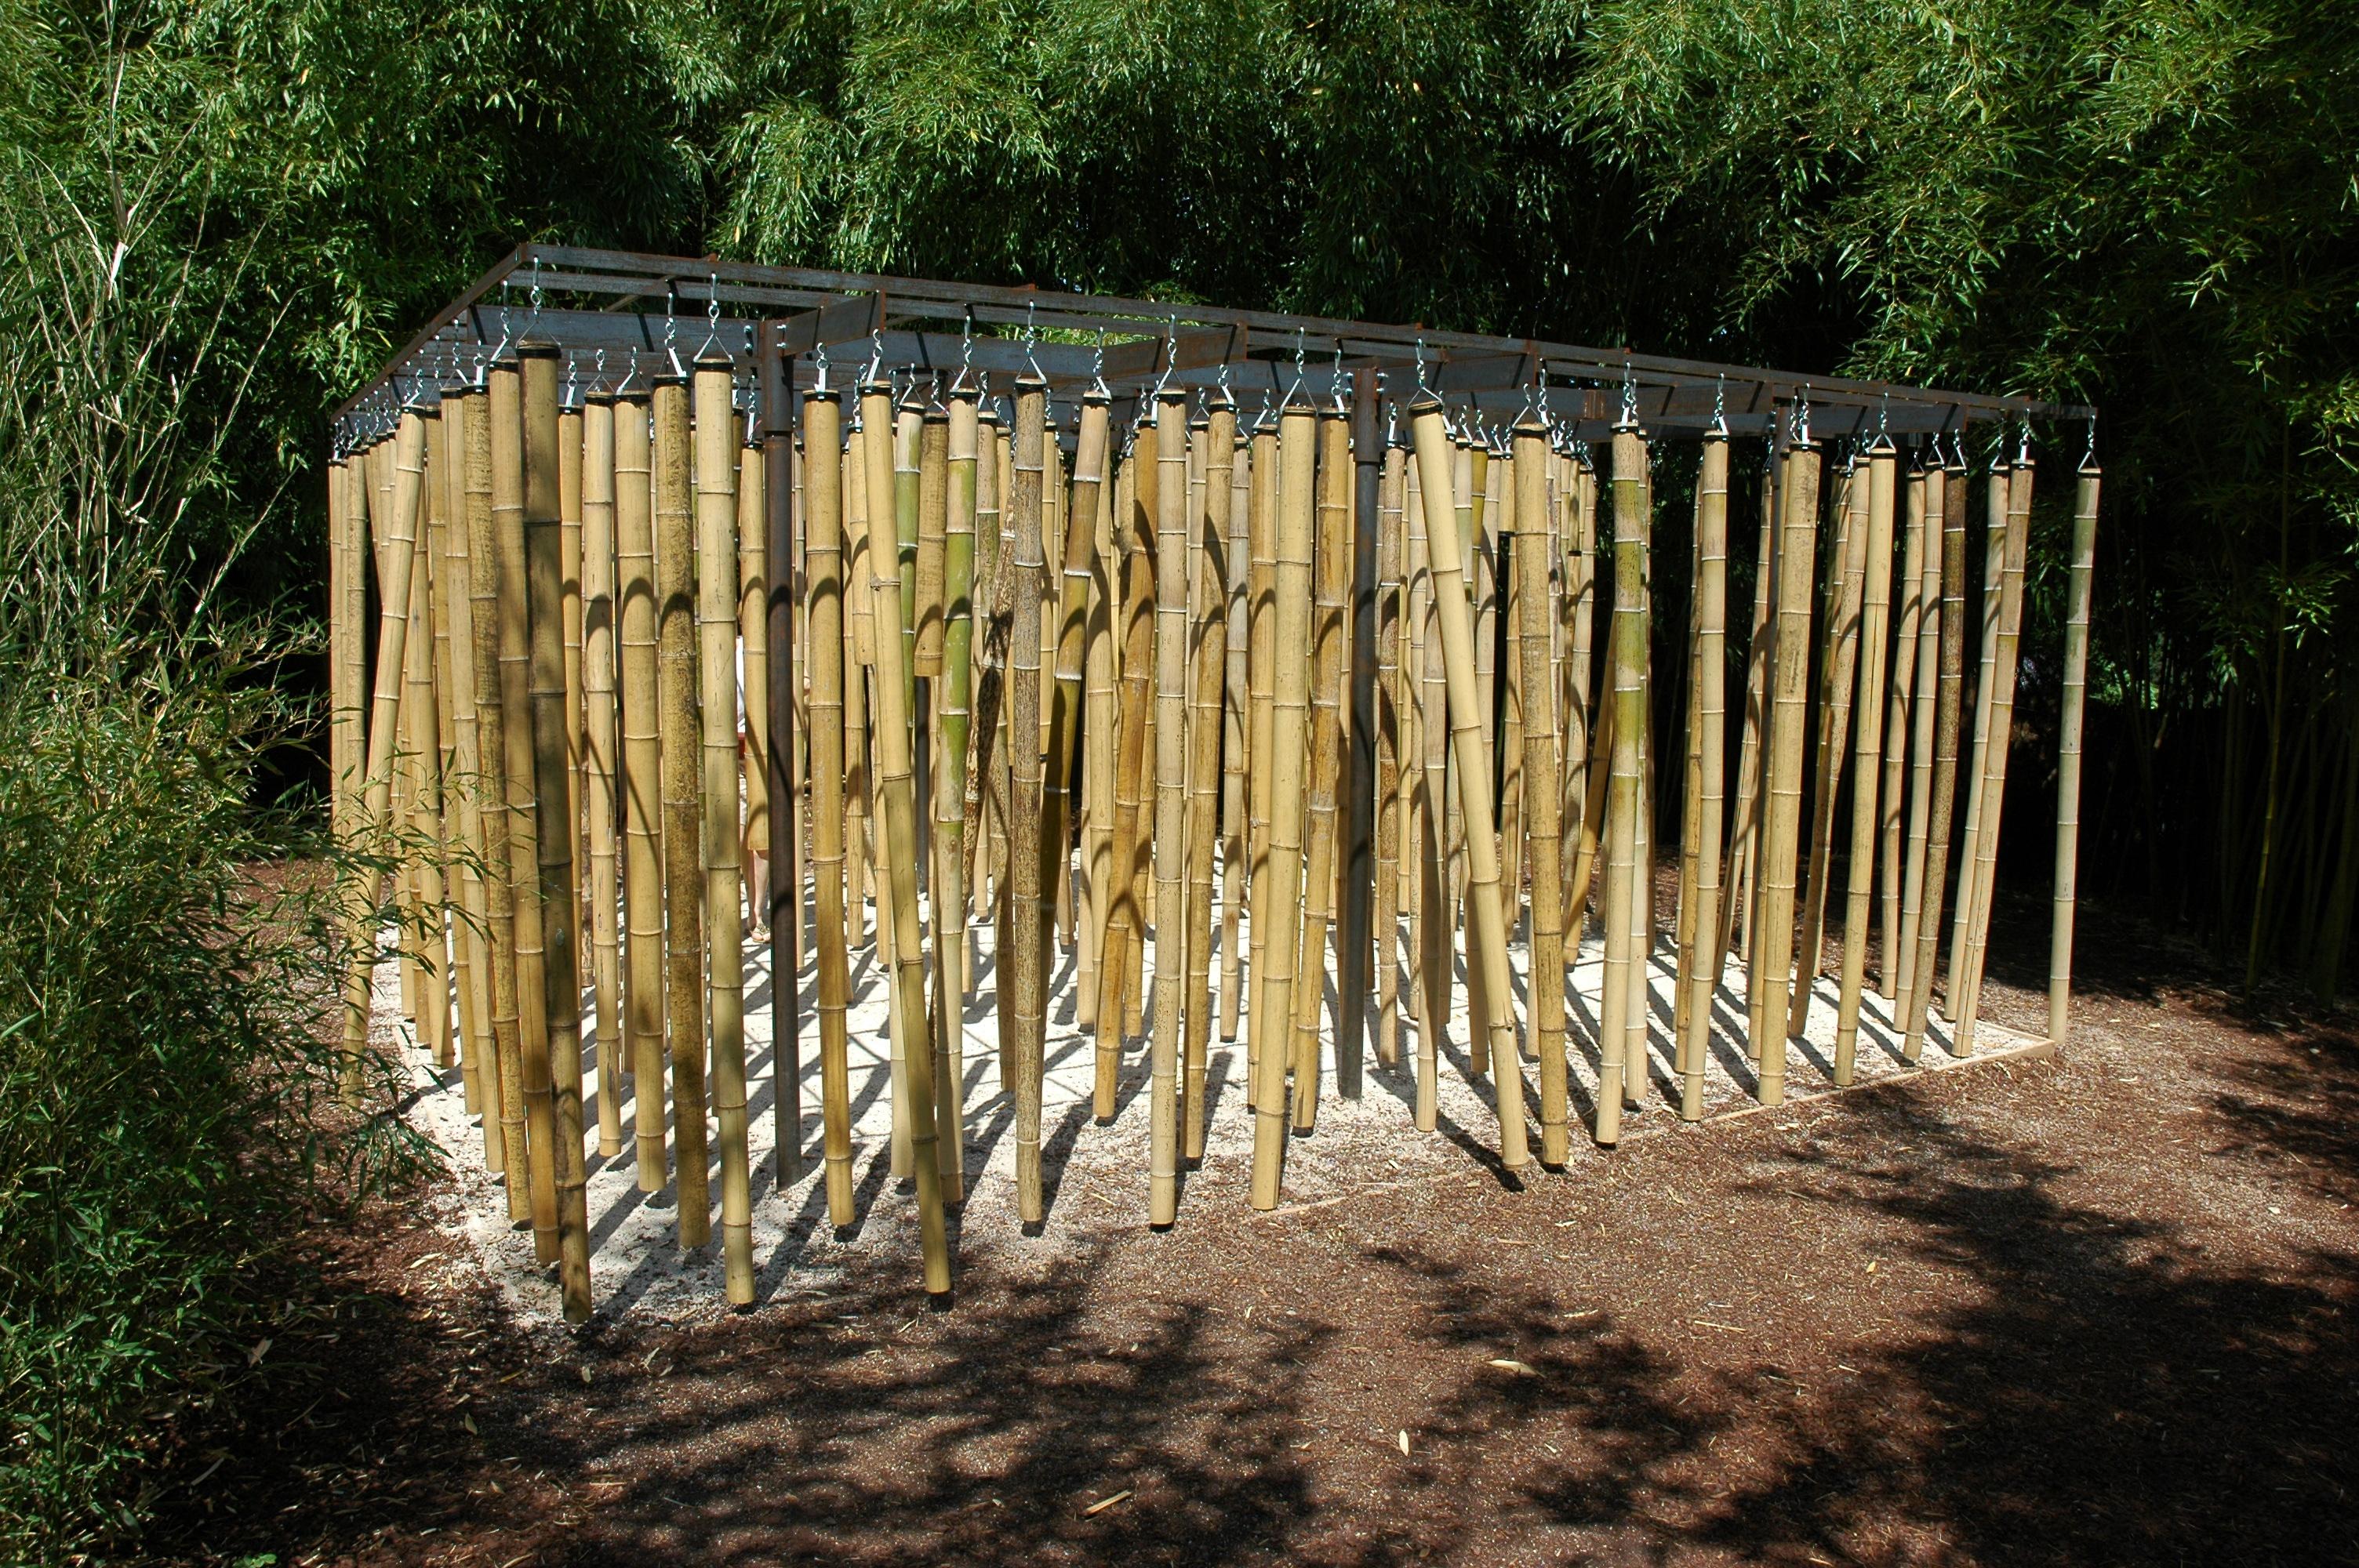 File france loir et cher festival jardins chaumont sur loire 2006 24 chant de bambous 01 jpg - Chaumont sur loire jardins ...